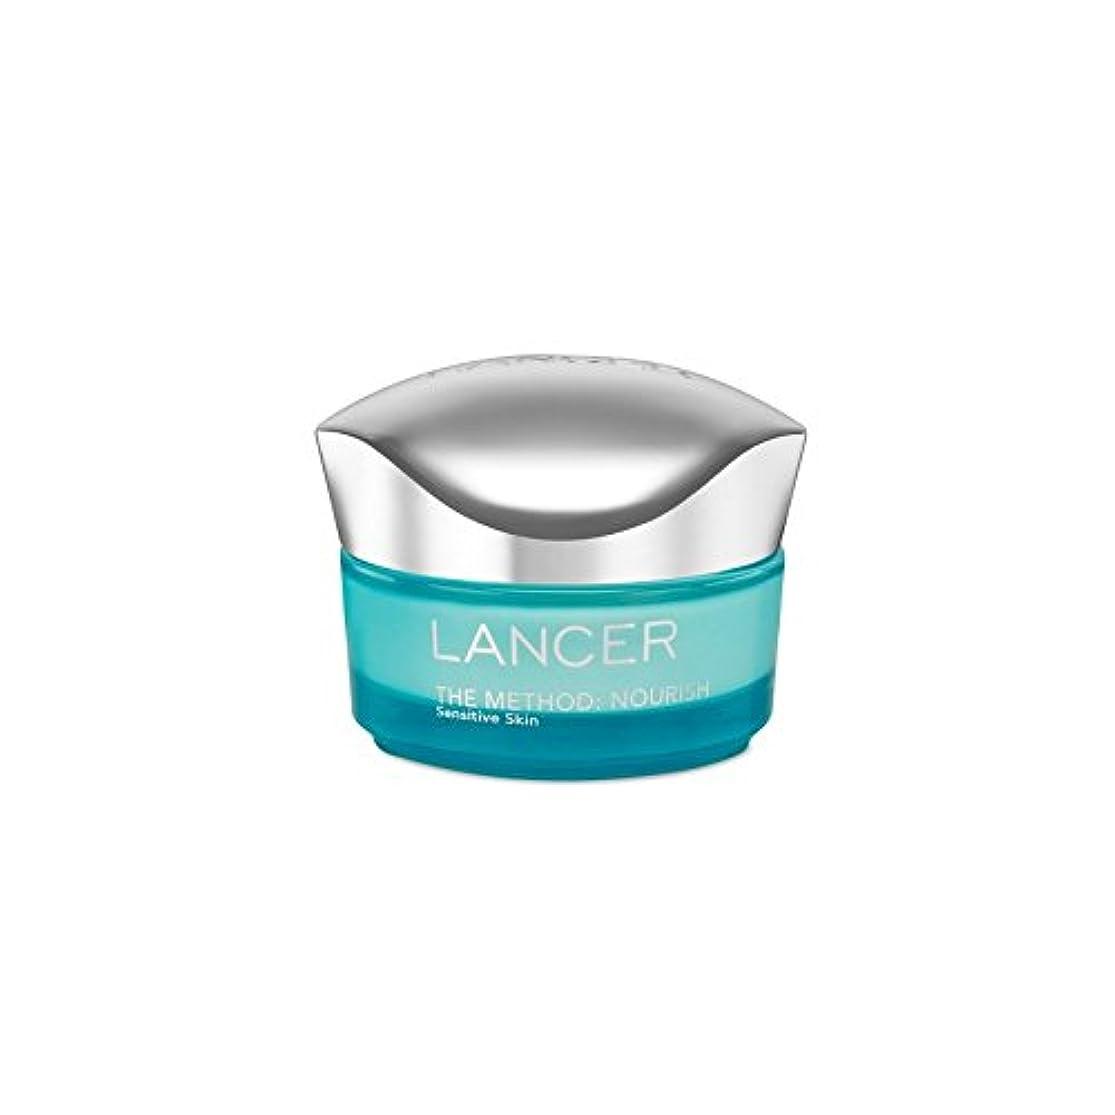 フレッシュ無心ロータリーランサーは、この方法をスキンケア:保湿敏感肌(50)に栄養を与えます x4 - Lancer Skincare The Method: Nourish Moisturiser Sensitive Skin (50ml)...